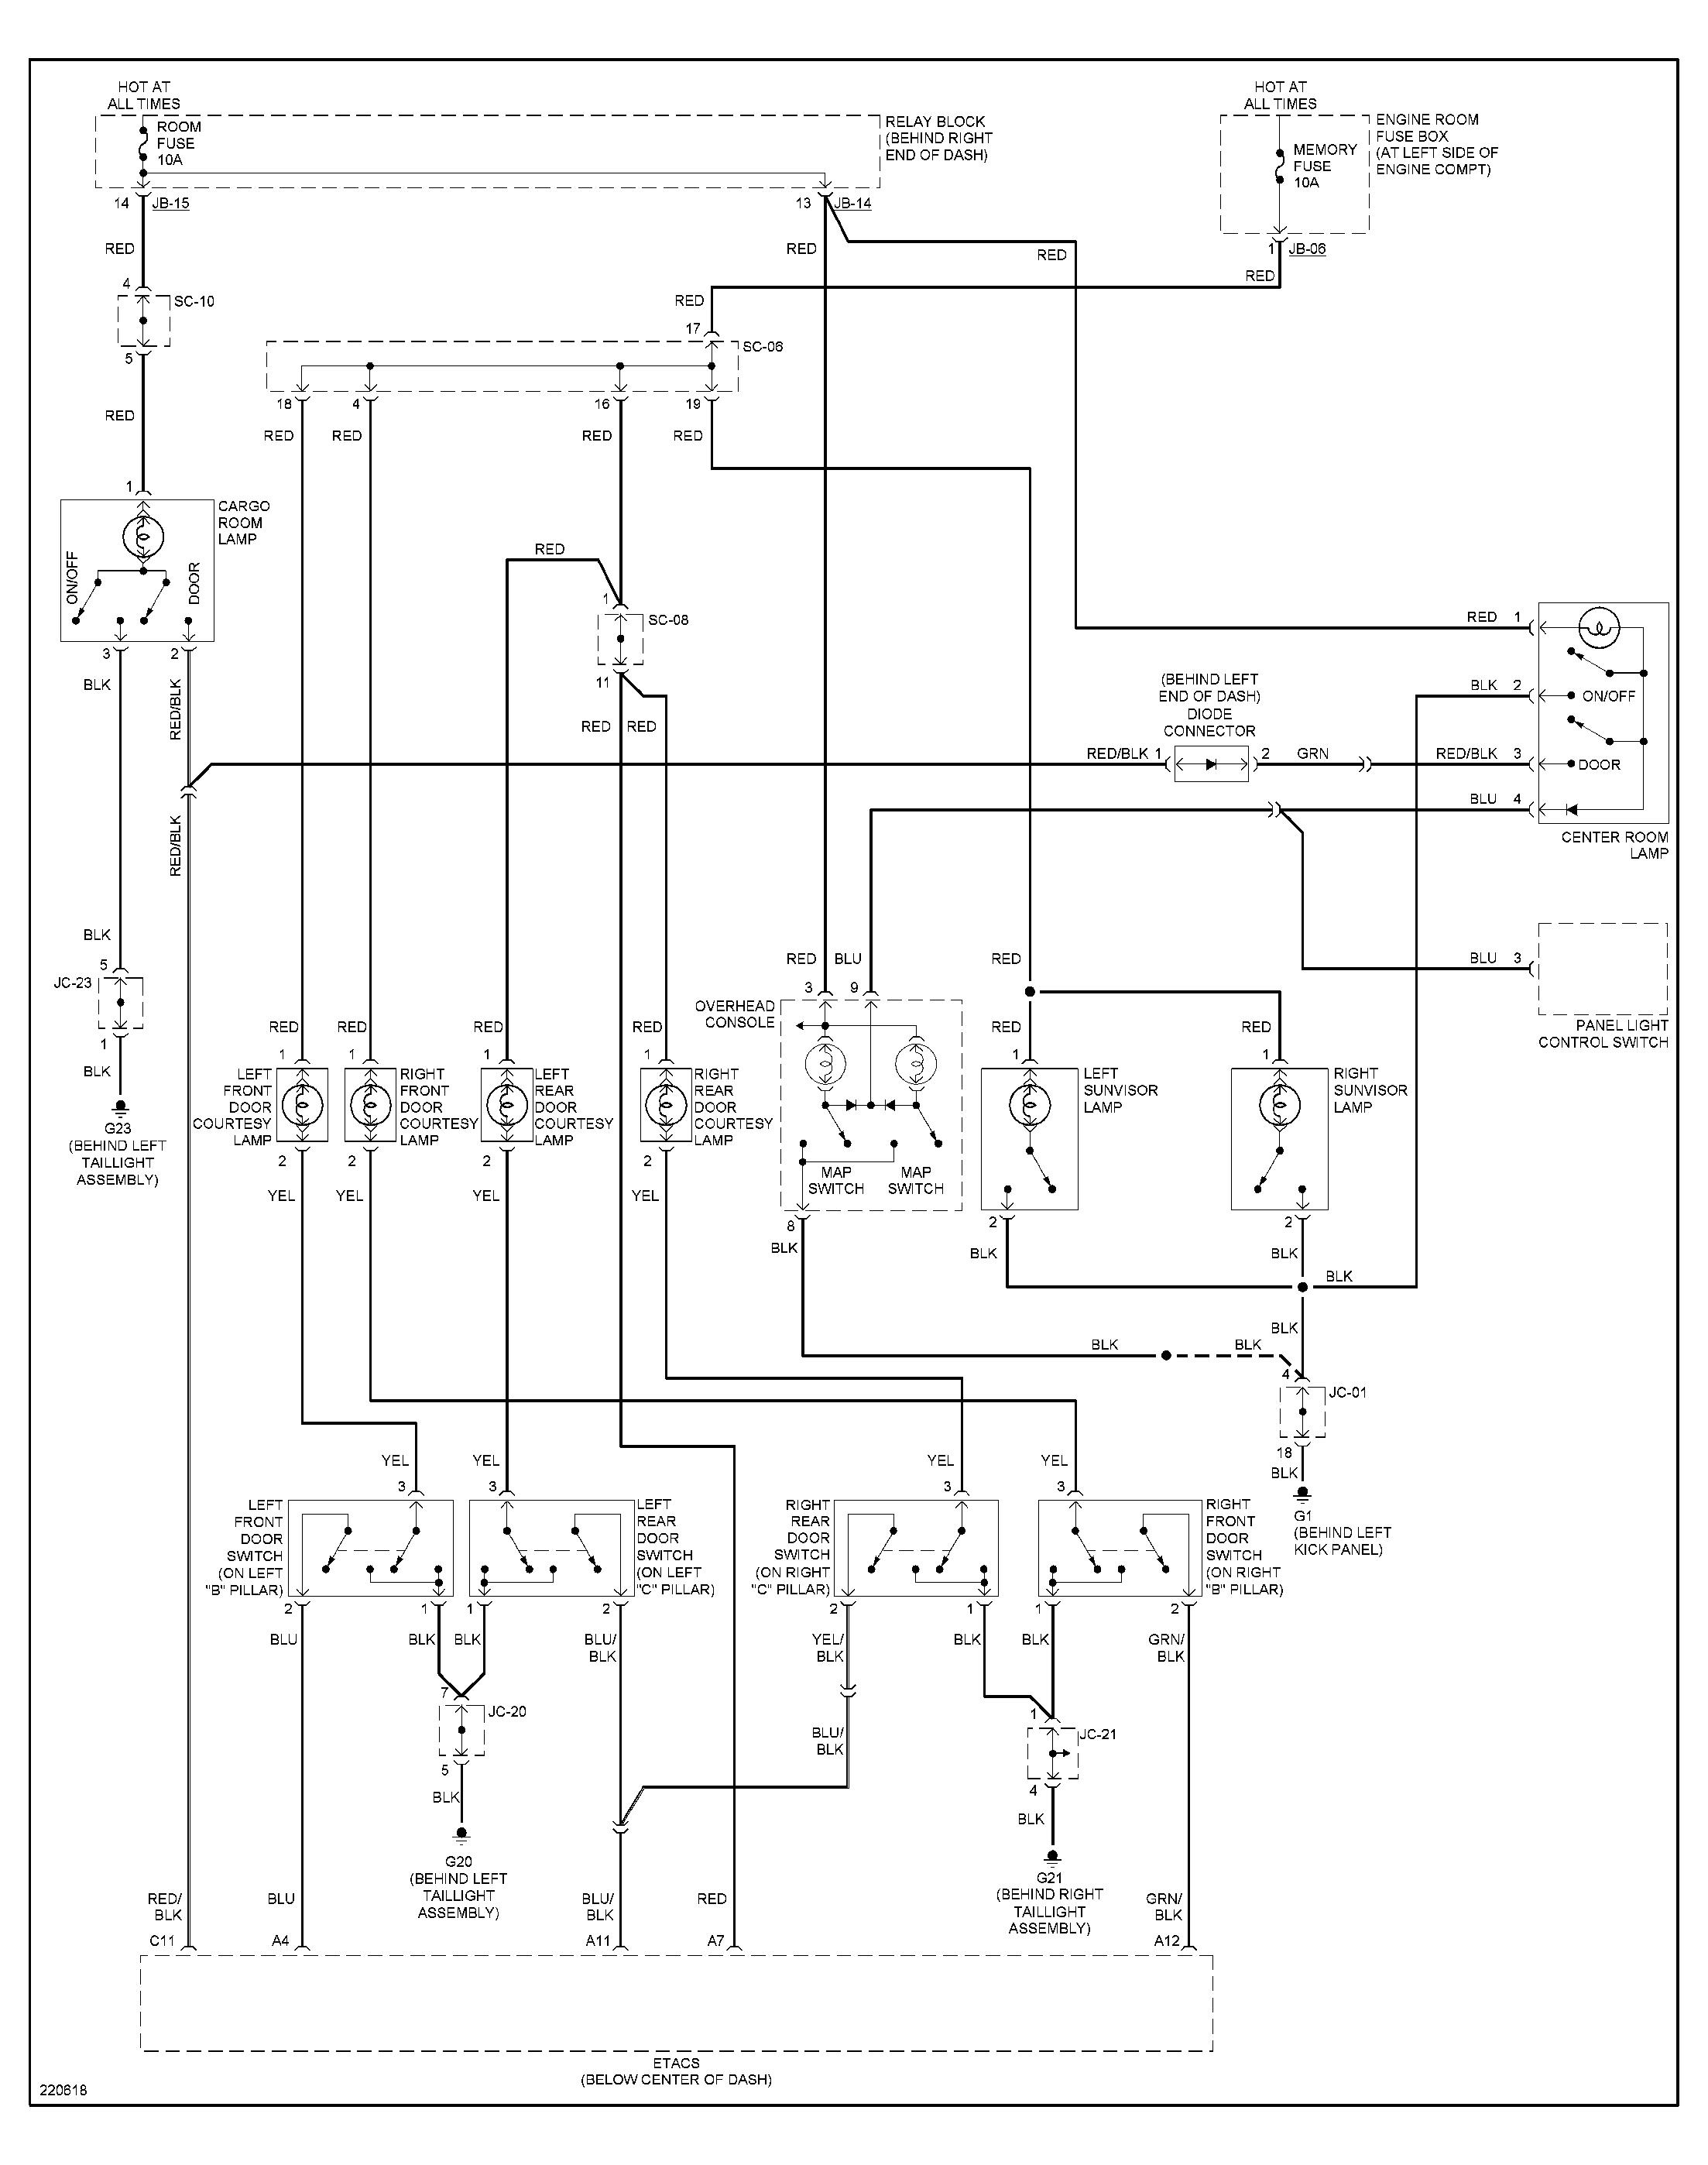 wiring diagram 2003 kia sorento electrical schematic wiring diagram wiring diagram 2003 kia rio wiring diagram